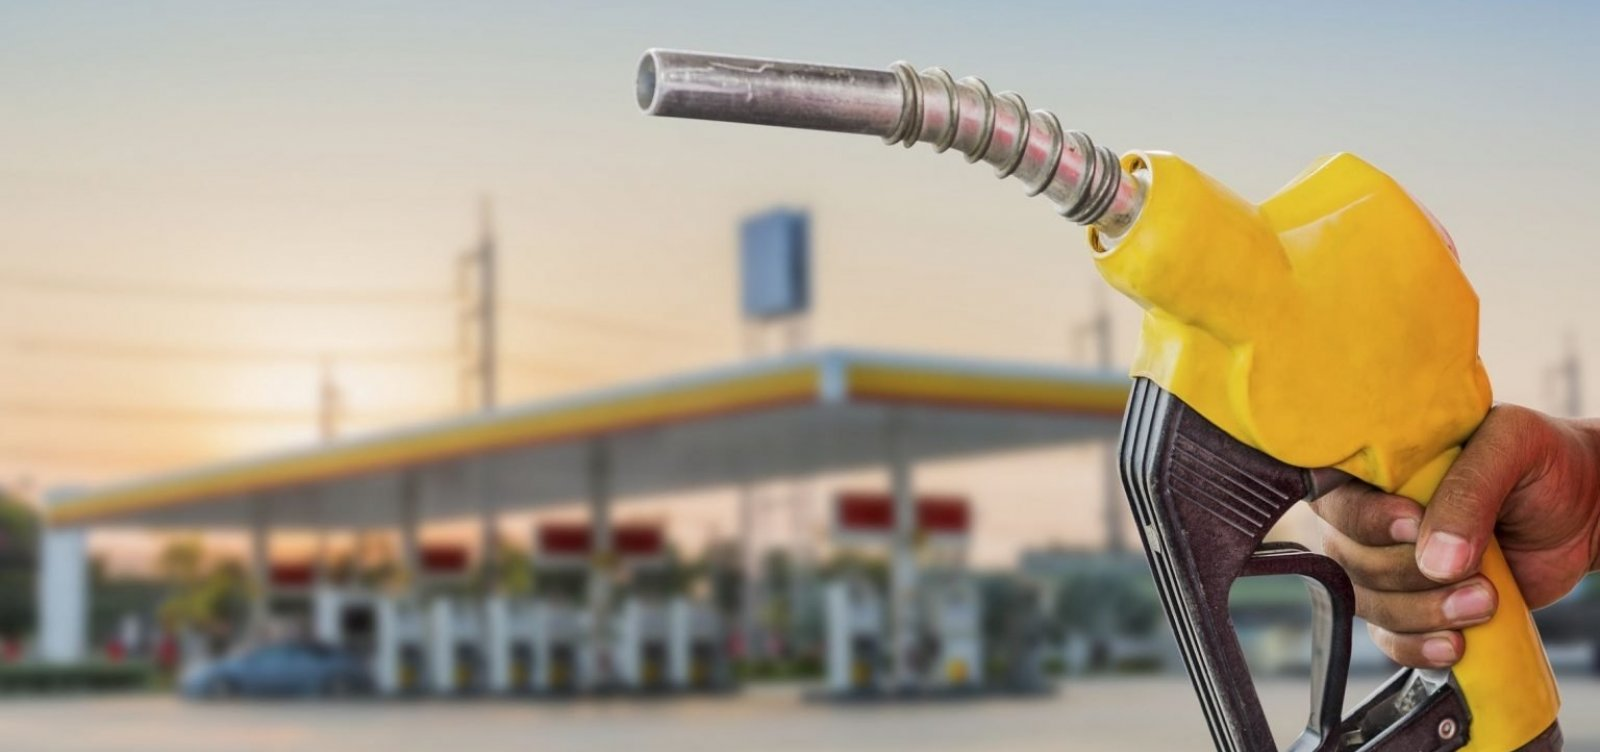 Petrobras anuncia aumento no valor de repasse da gasolina e gás de cozinha